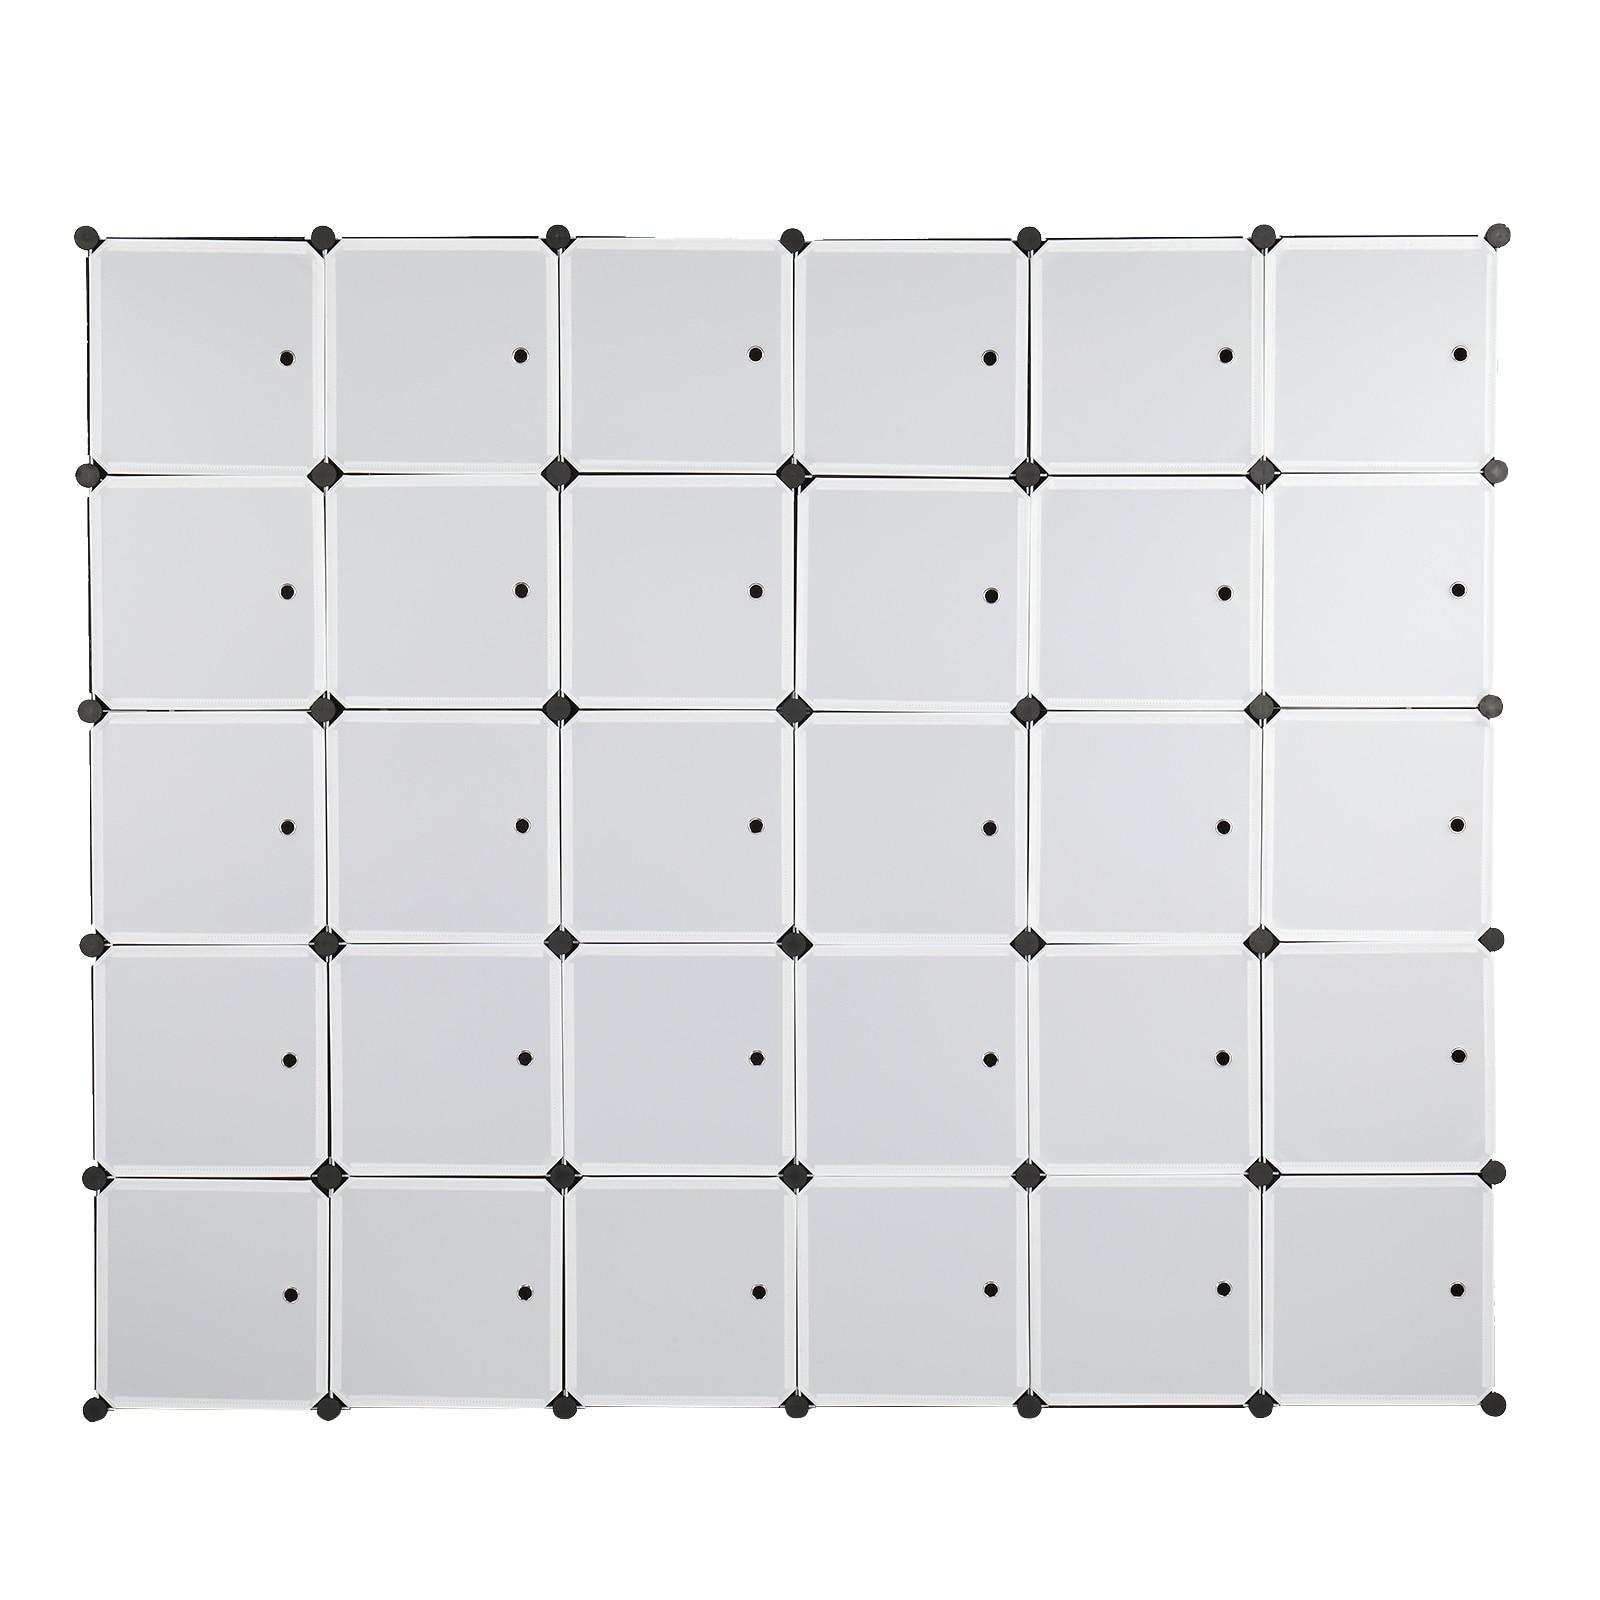 خزائن الحمام 12 مكعب منظم تكويم مكعب بلاستيكي رفوف التخزين تصميم متعدد الوظائف خزانة خزانة وحدات مع قضيب معلق